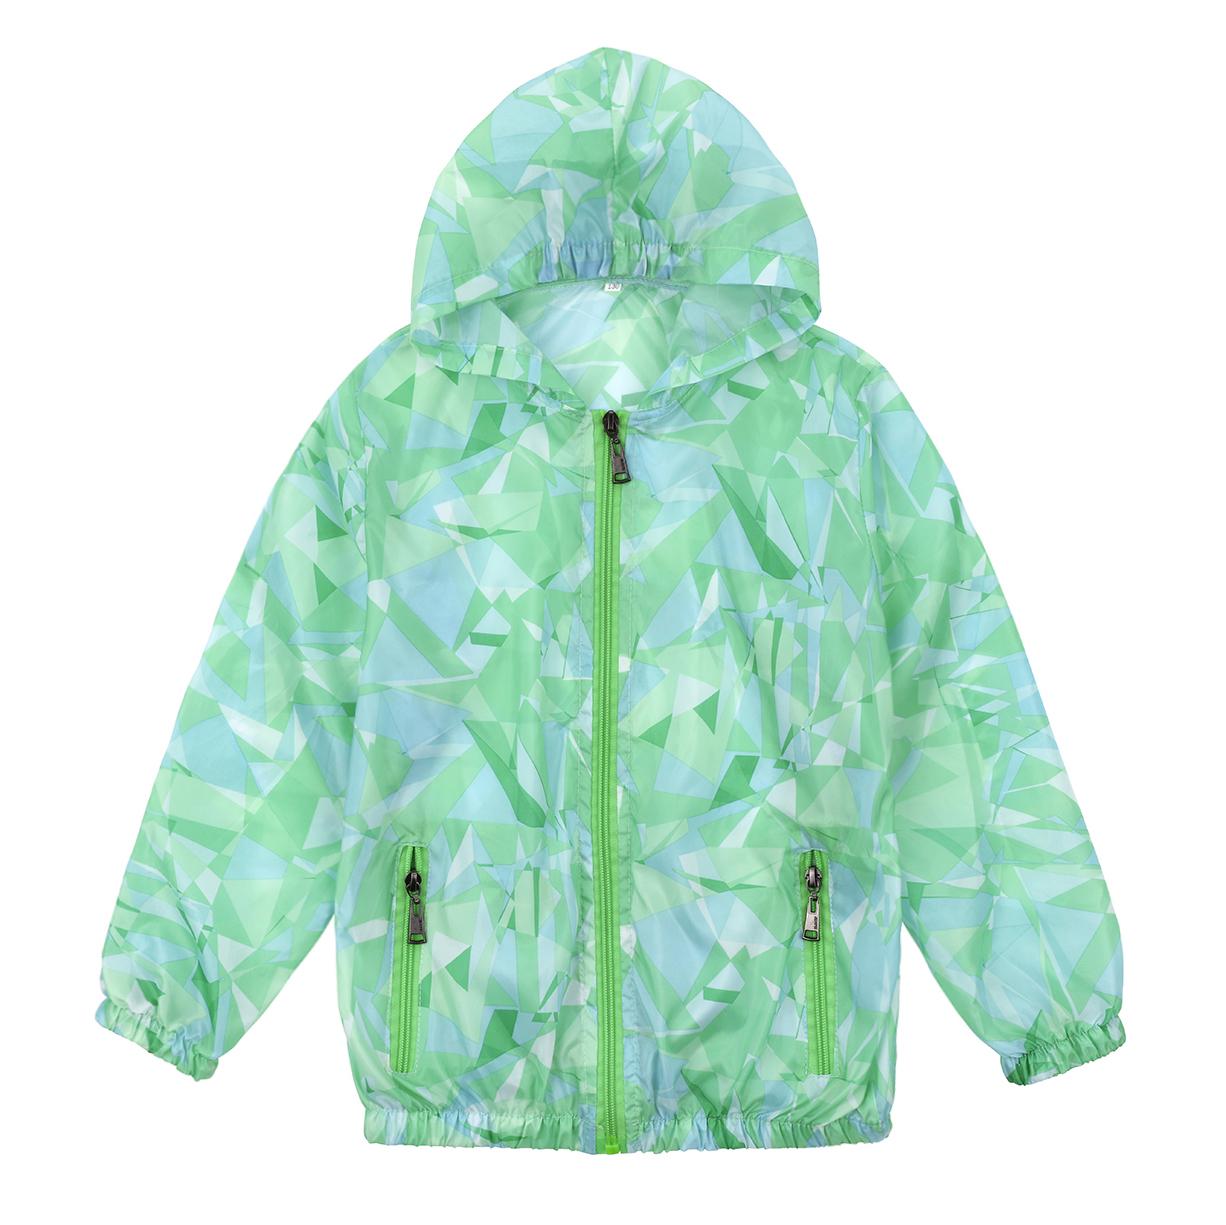 Trẻ em của mặt trời bảo vệ quần áo áo khoác mùa hè cậu bé chống nắng quần áo ánh sáng và thoáng khí cô gái bé ngụy trang quần áo da điều hòa không khí dịch vụ